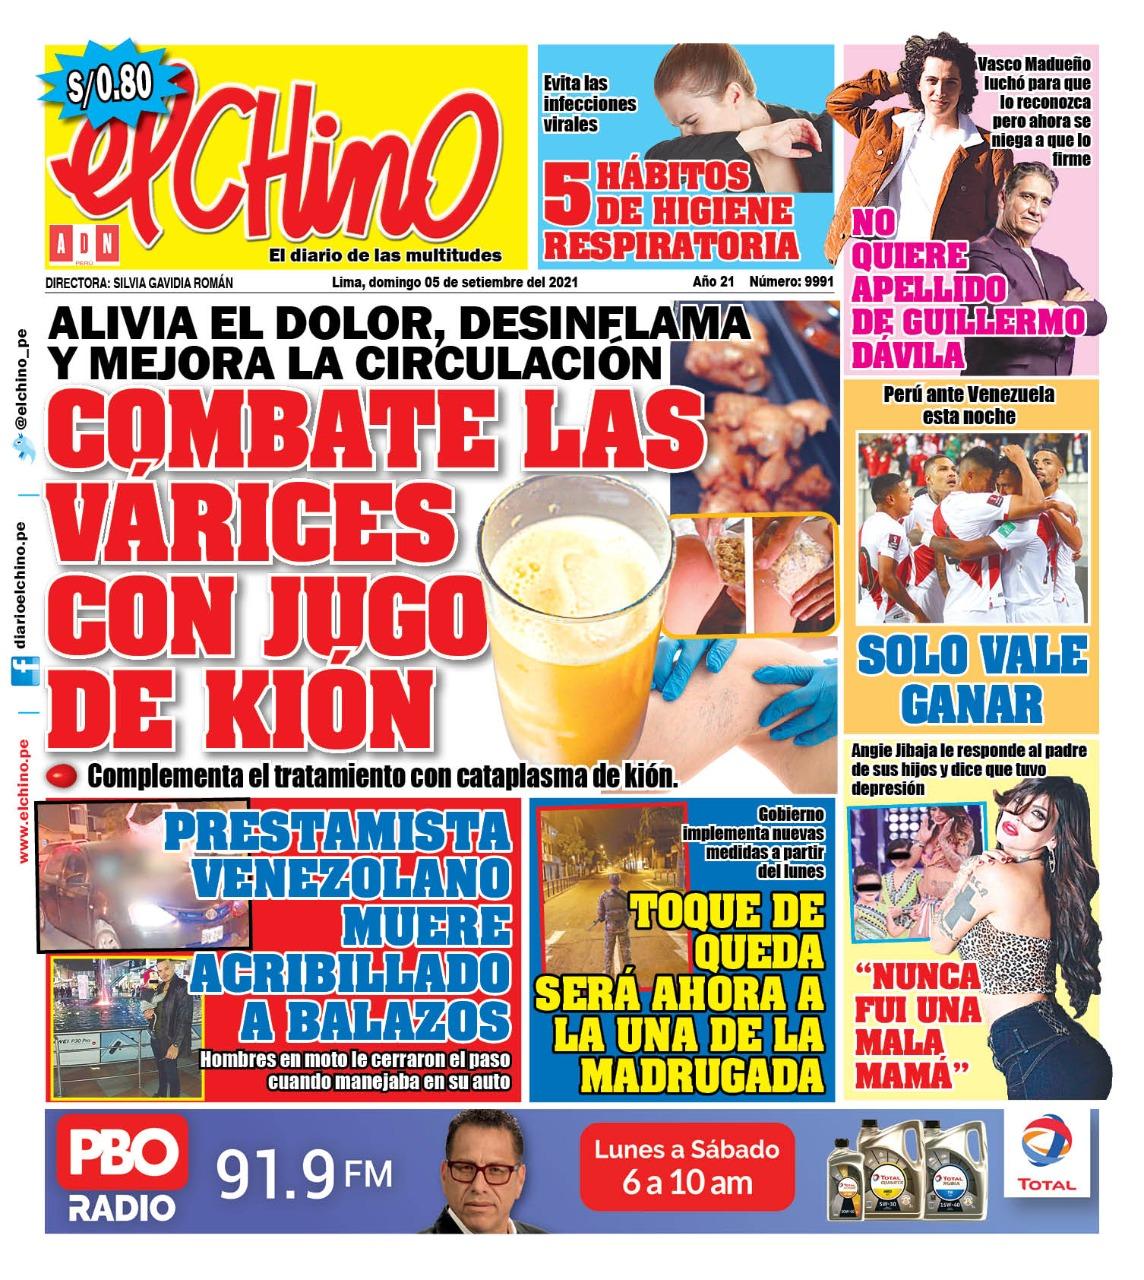 Portada impresa – Diario El Chino (05/09/2021)